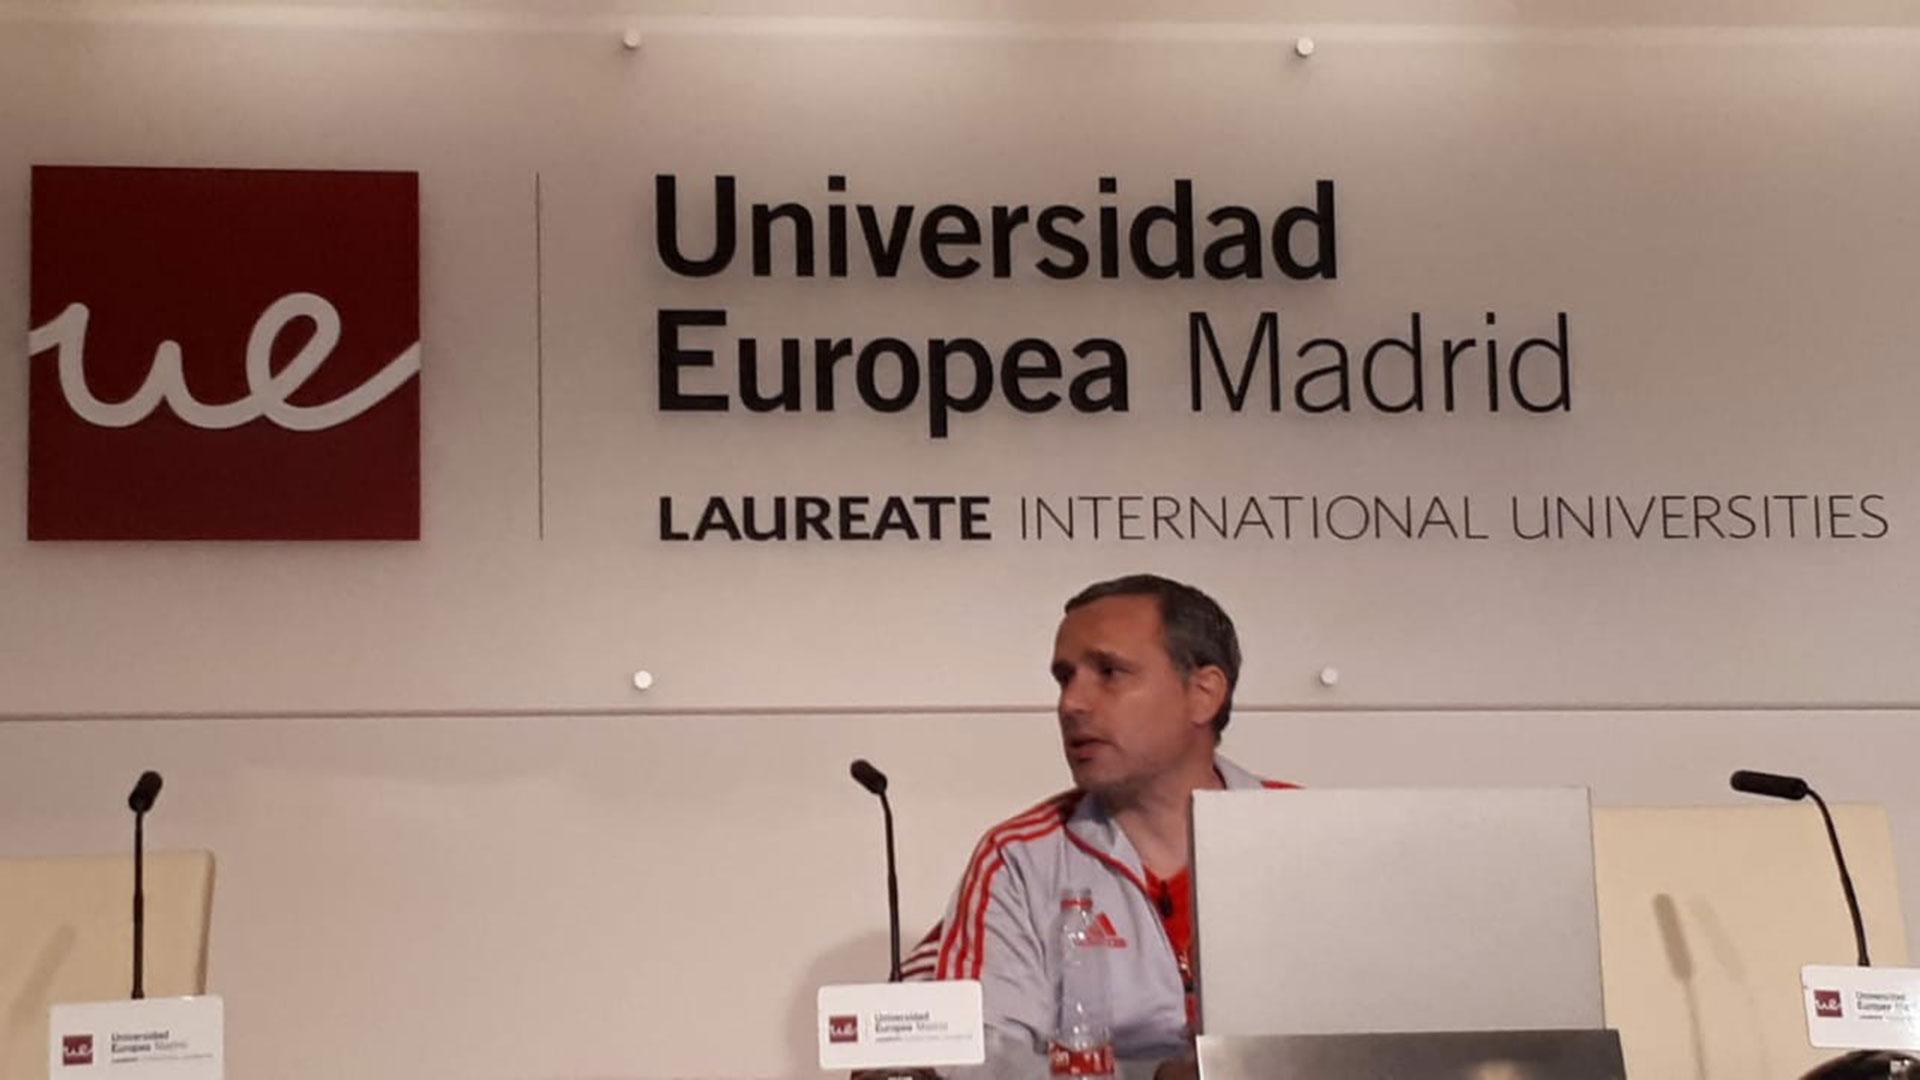 Una imagen de la disertación de Grossi en la Universidad Europea Madrid